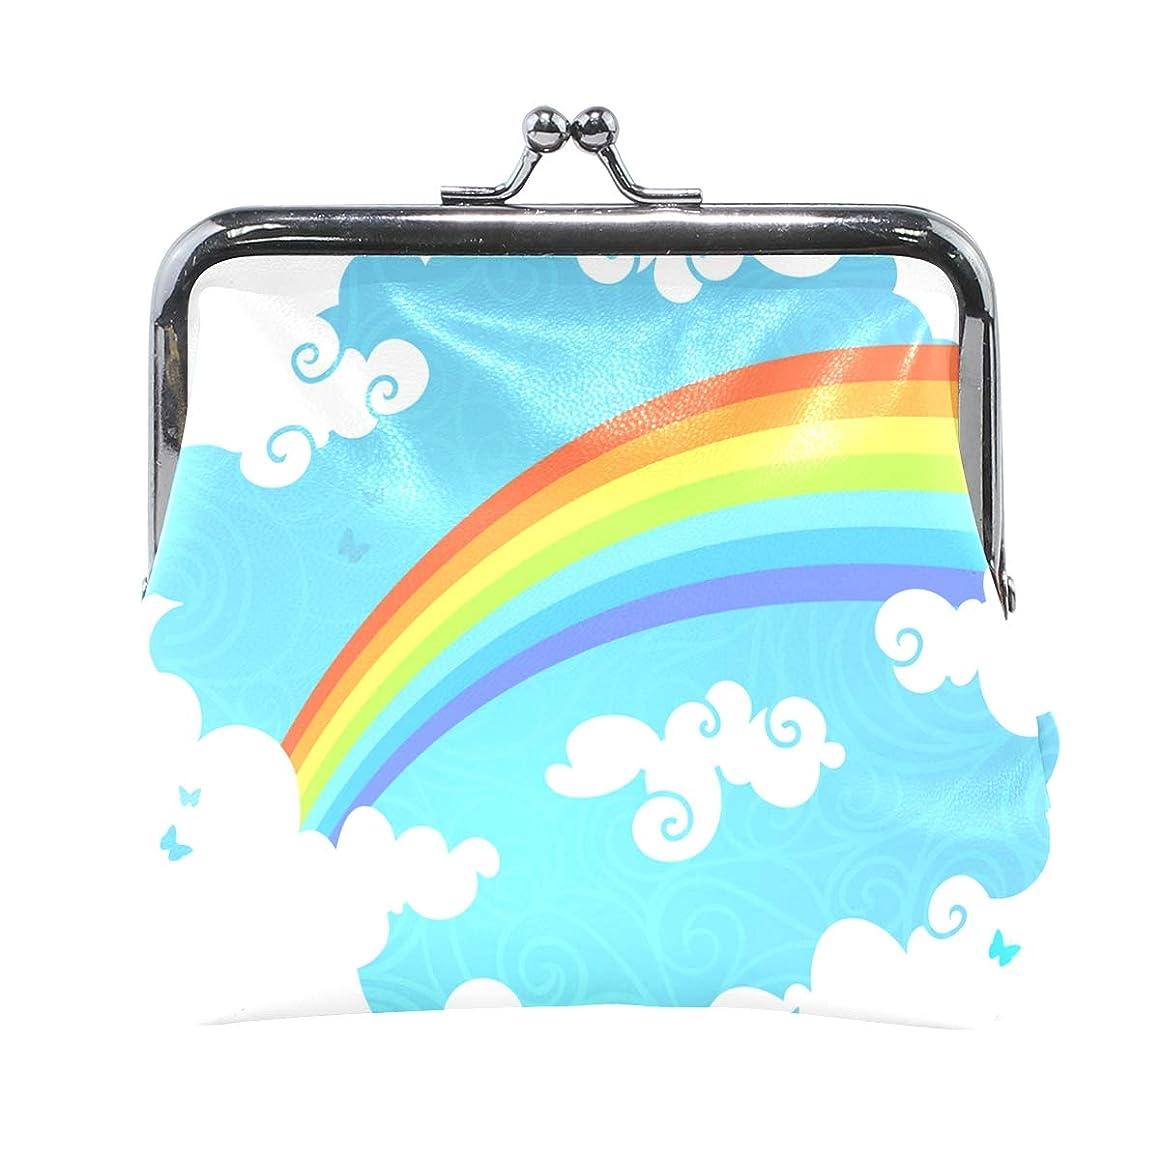 浸したローブミュートAOMOKI 財布 小銭入れ ガマ口 コインケース レディース メンズ レザー 丸形 おしゃれ プレゼント ギフト デザイン オリジナル 小物ケース 虹 虹色 雲柄